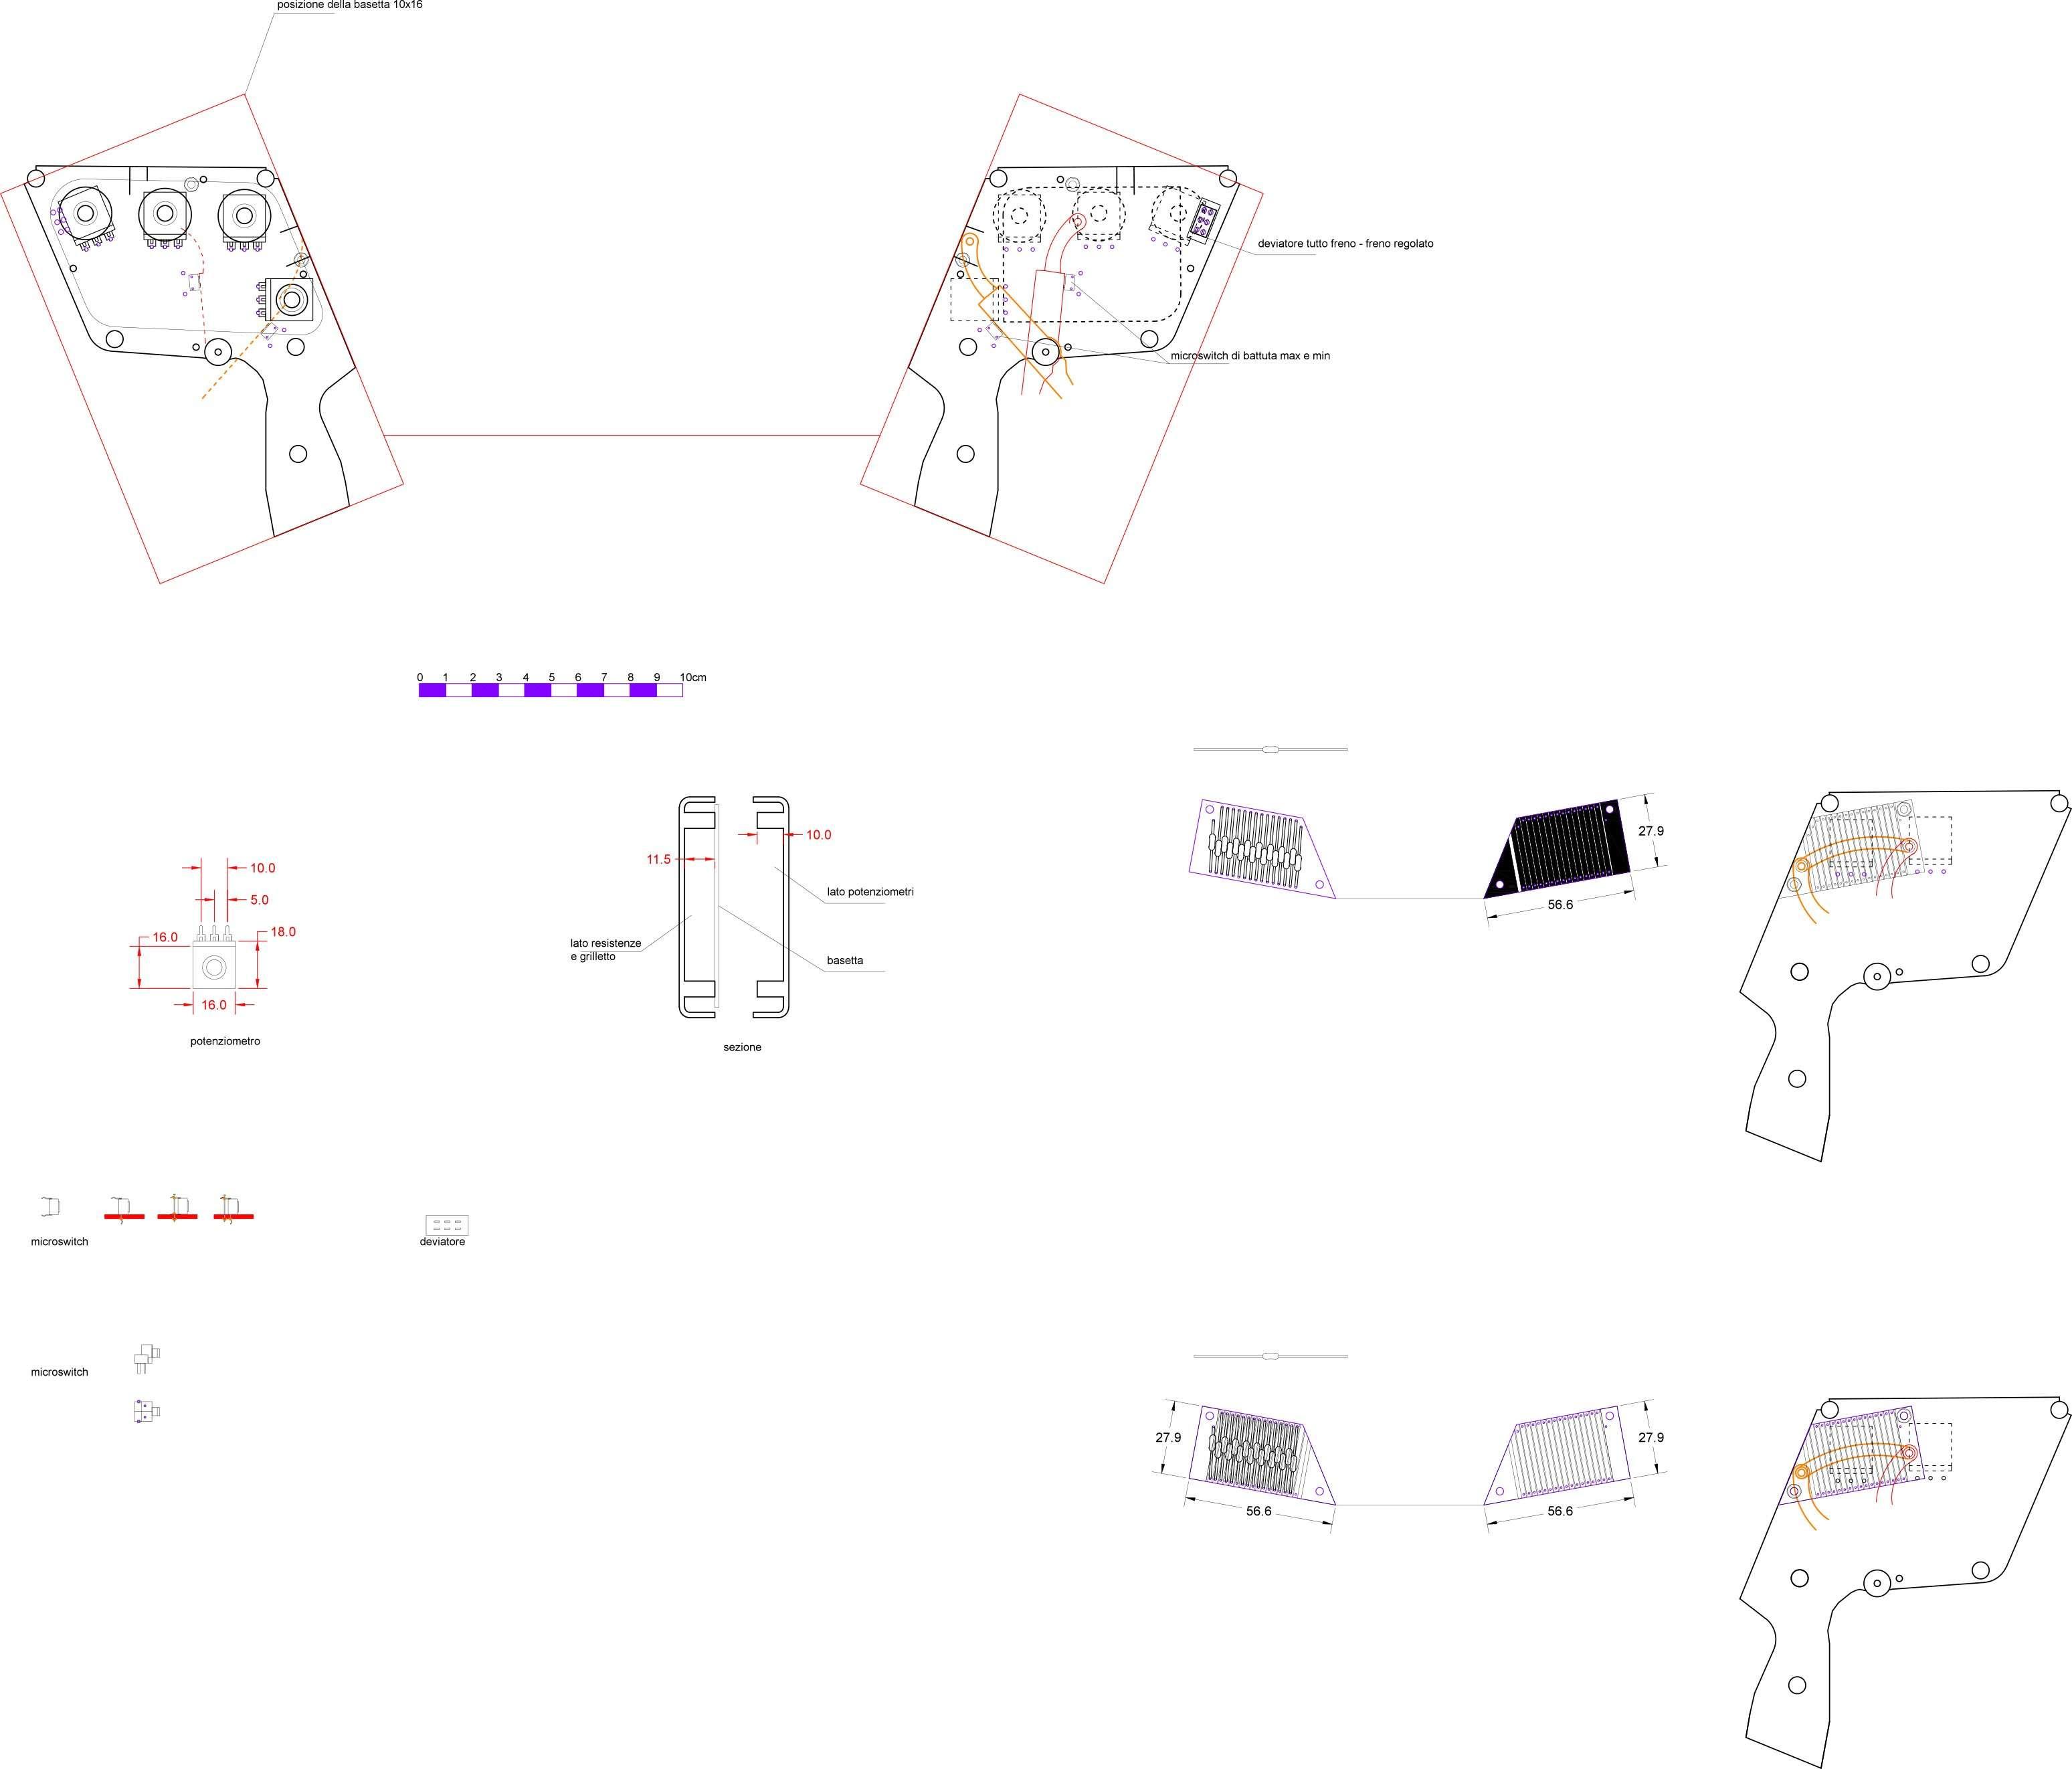 secondo progetto, integrati e mosfet... - Pagina 2 Slot10